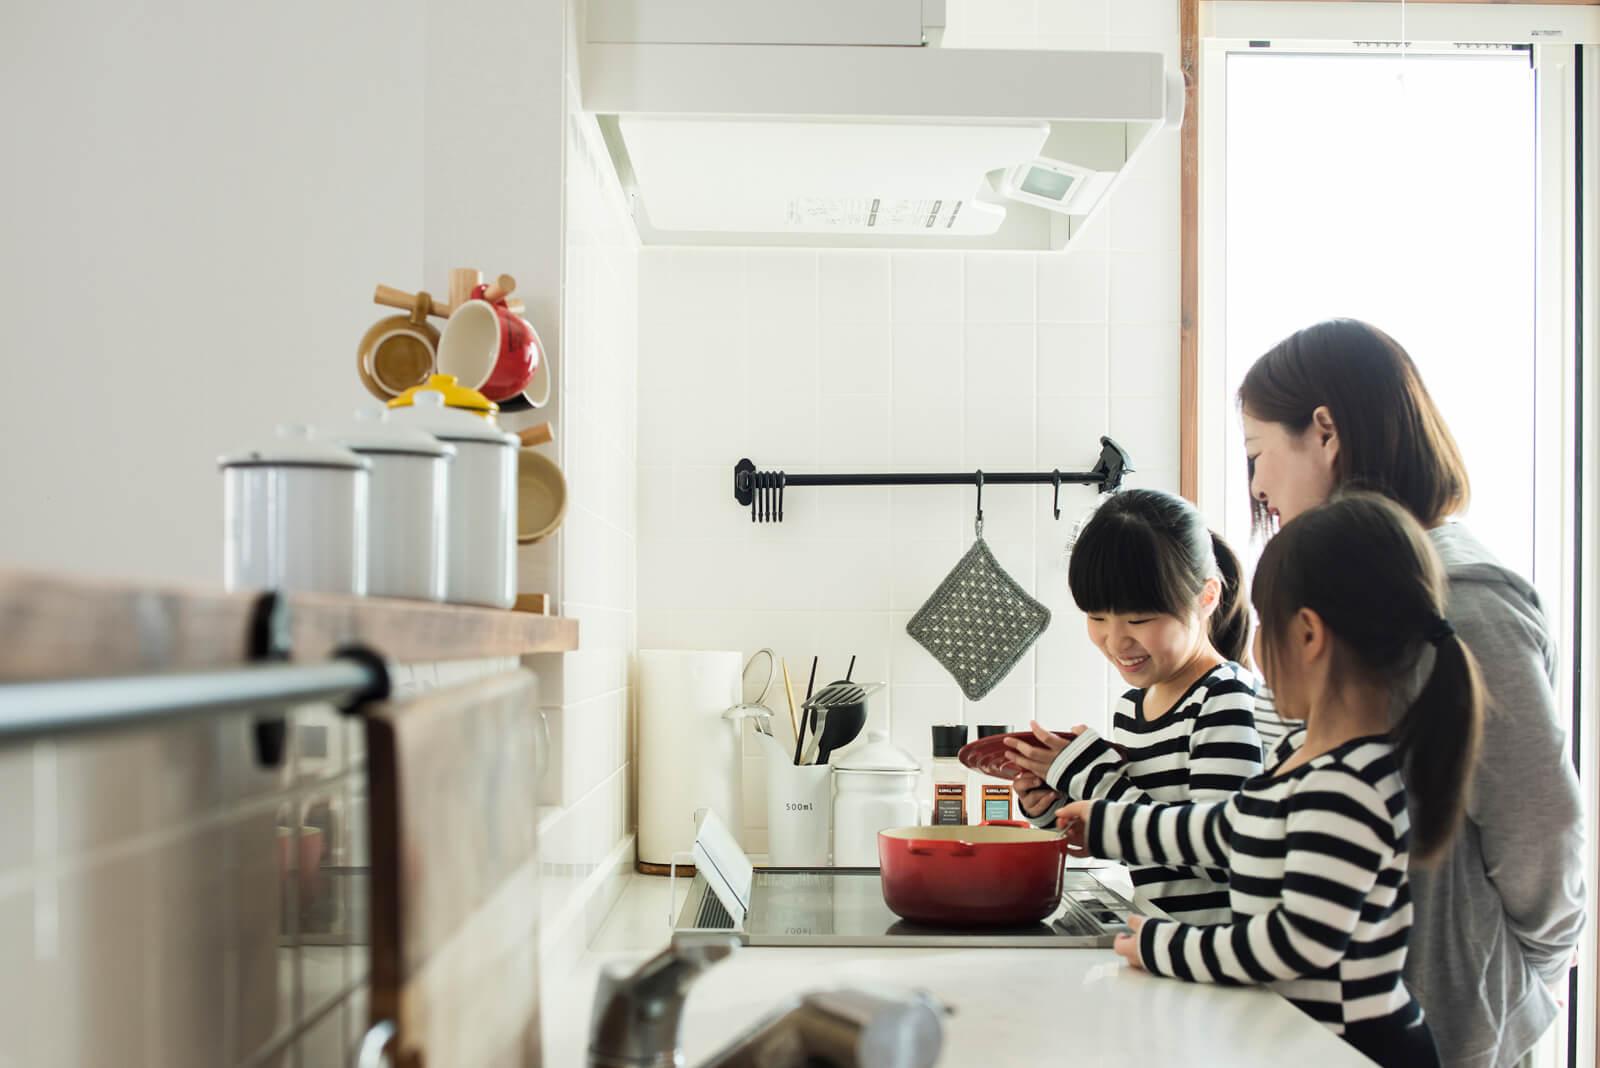 IHクッキングヒーターは火を使わないので、安心して子どもをキッチンに入れることができる